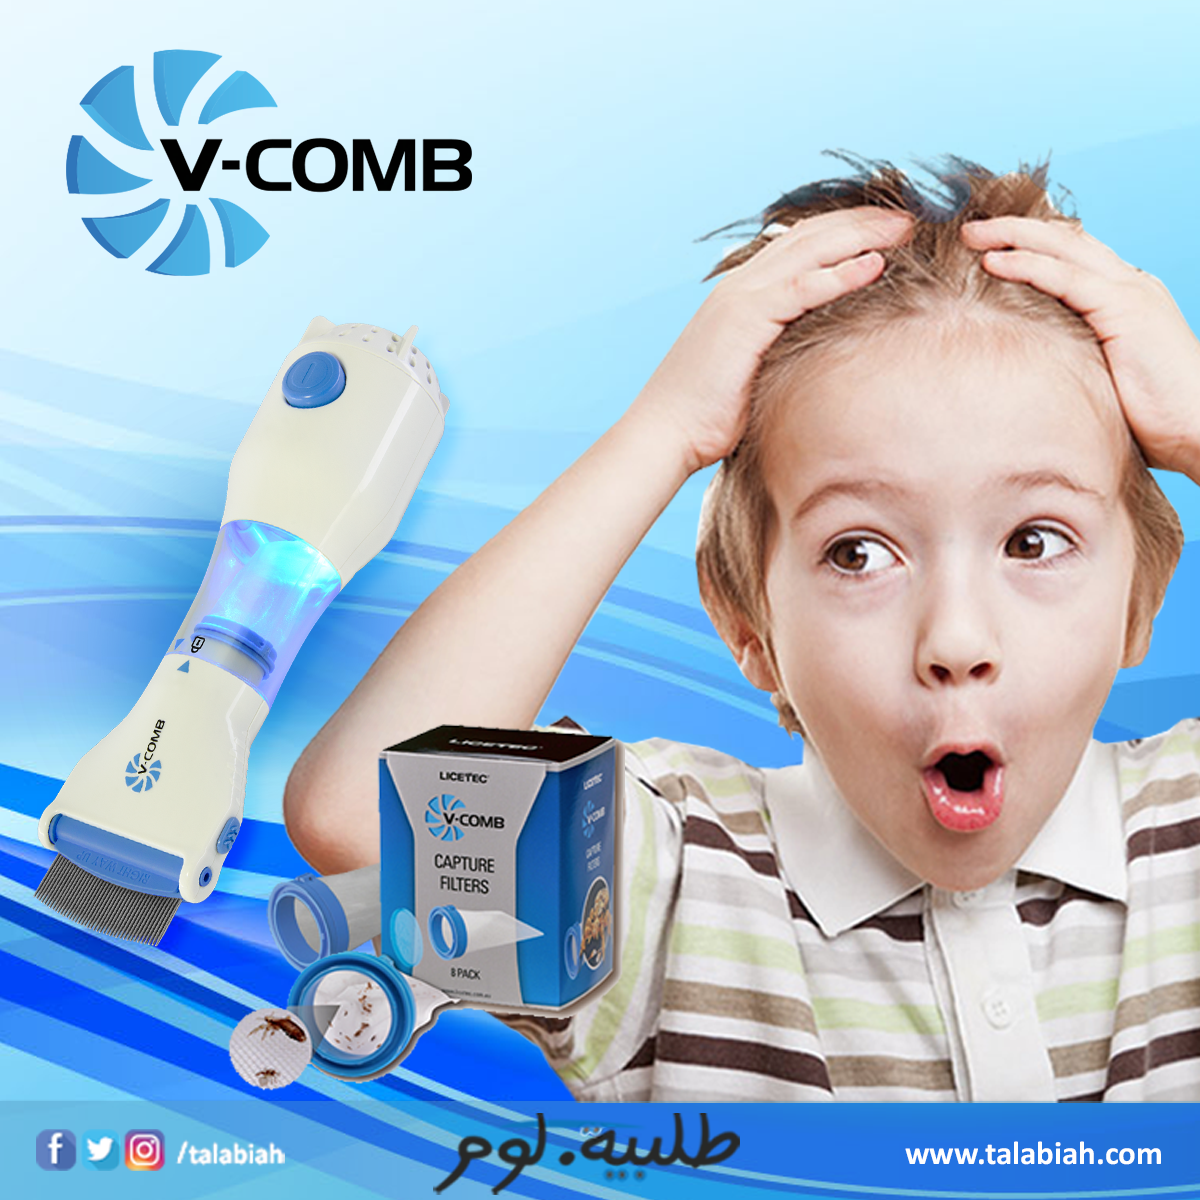 حان الوقت للتخلص من القمل نهائيا مع جهاز في كومب السهل الإستخدام الأصلي والمضمون Comb Head Louse